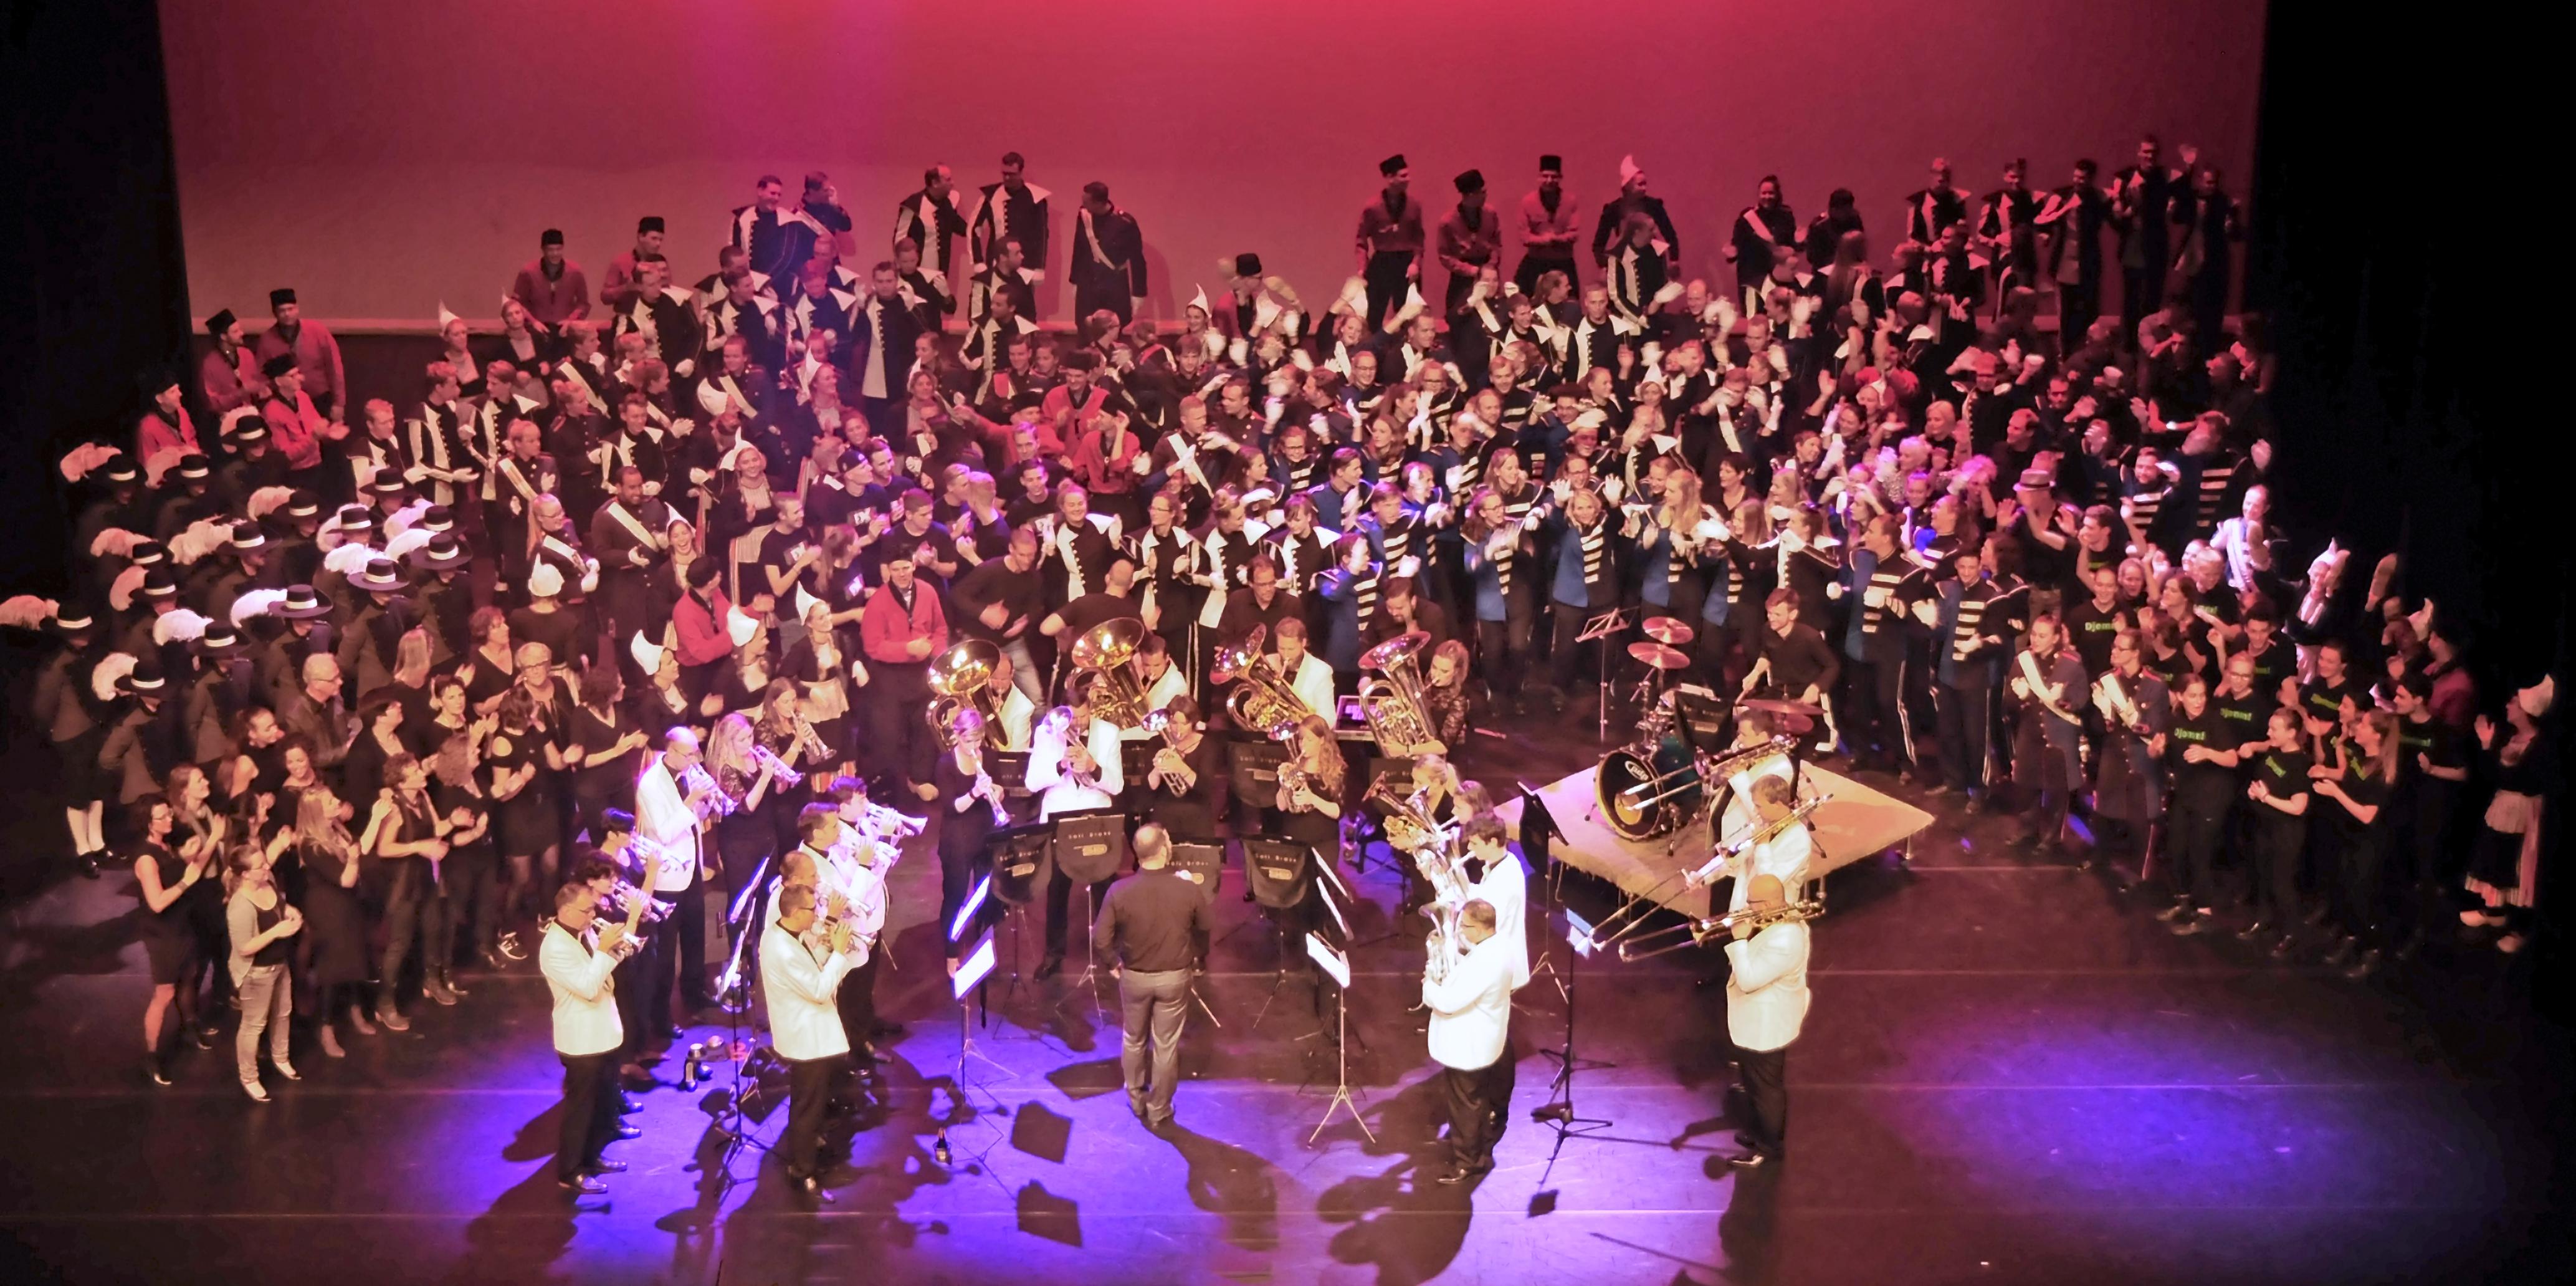 Vijf wereldkampioenen op derde editie van totaaltheaterspektakel Proud on Stage